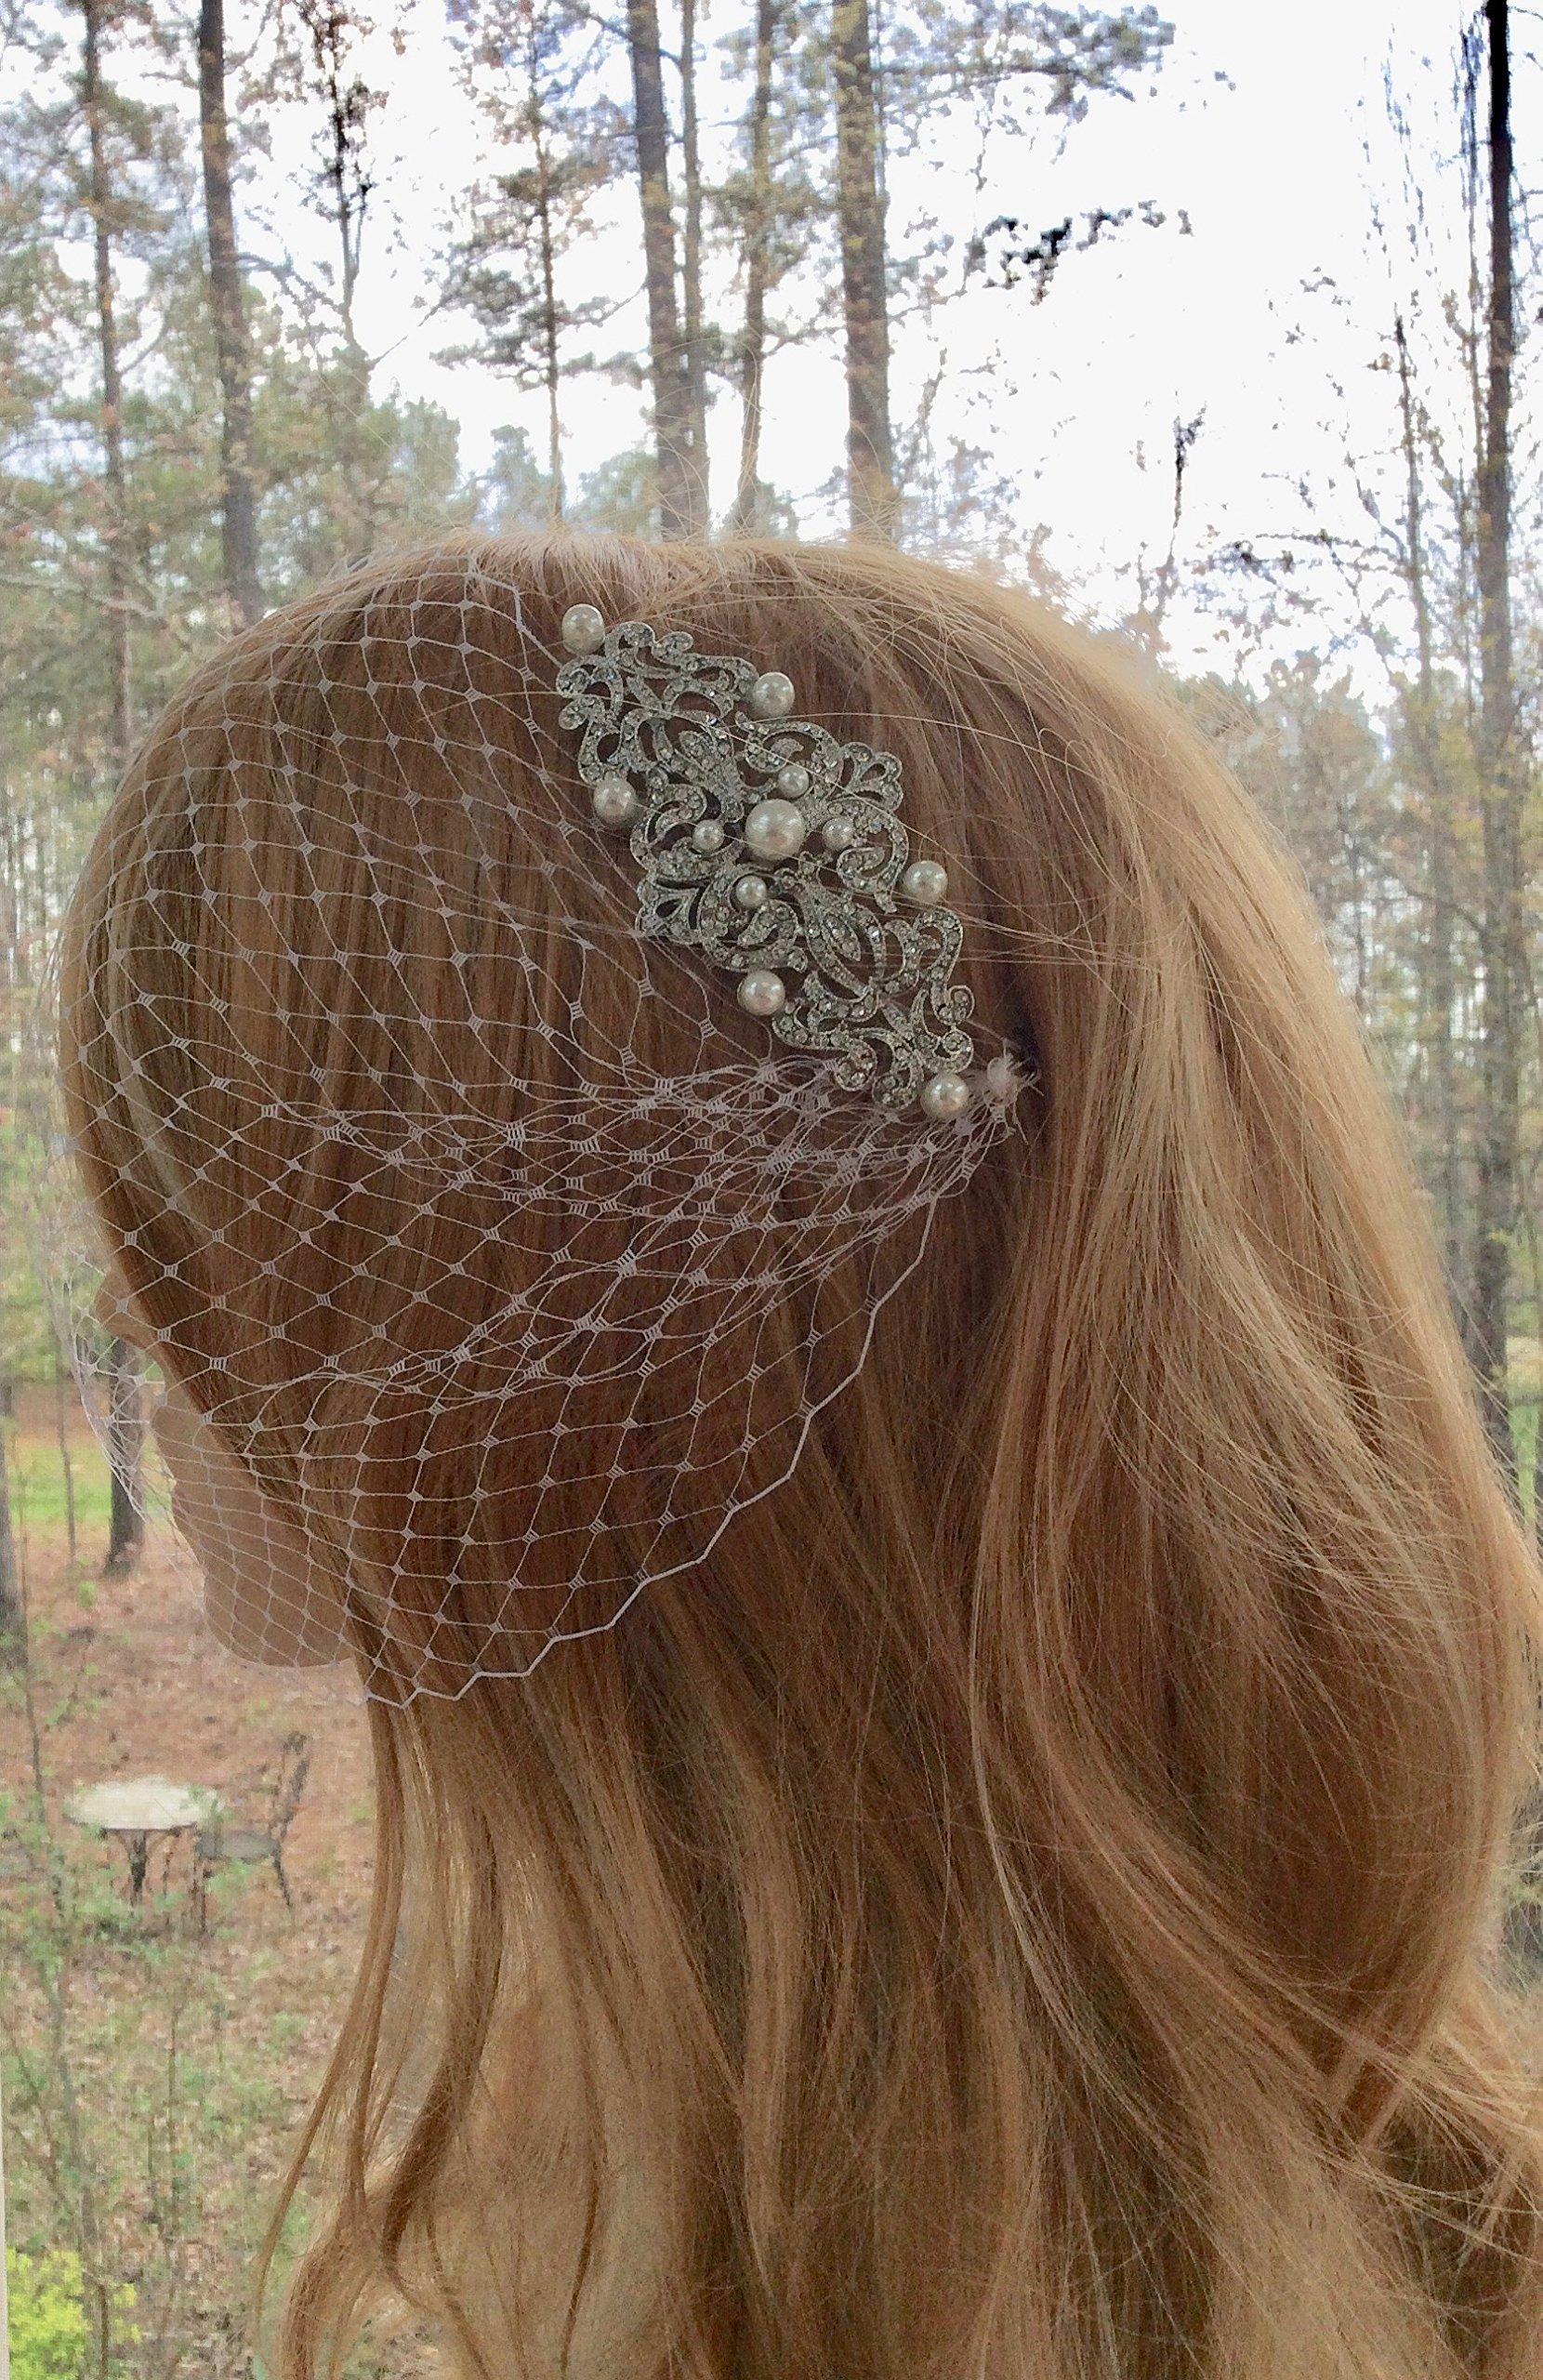 Bandeau Wedding Veil, Birdcage Bridal Veil With Rhinestone Pearl Comb